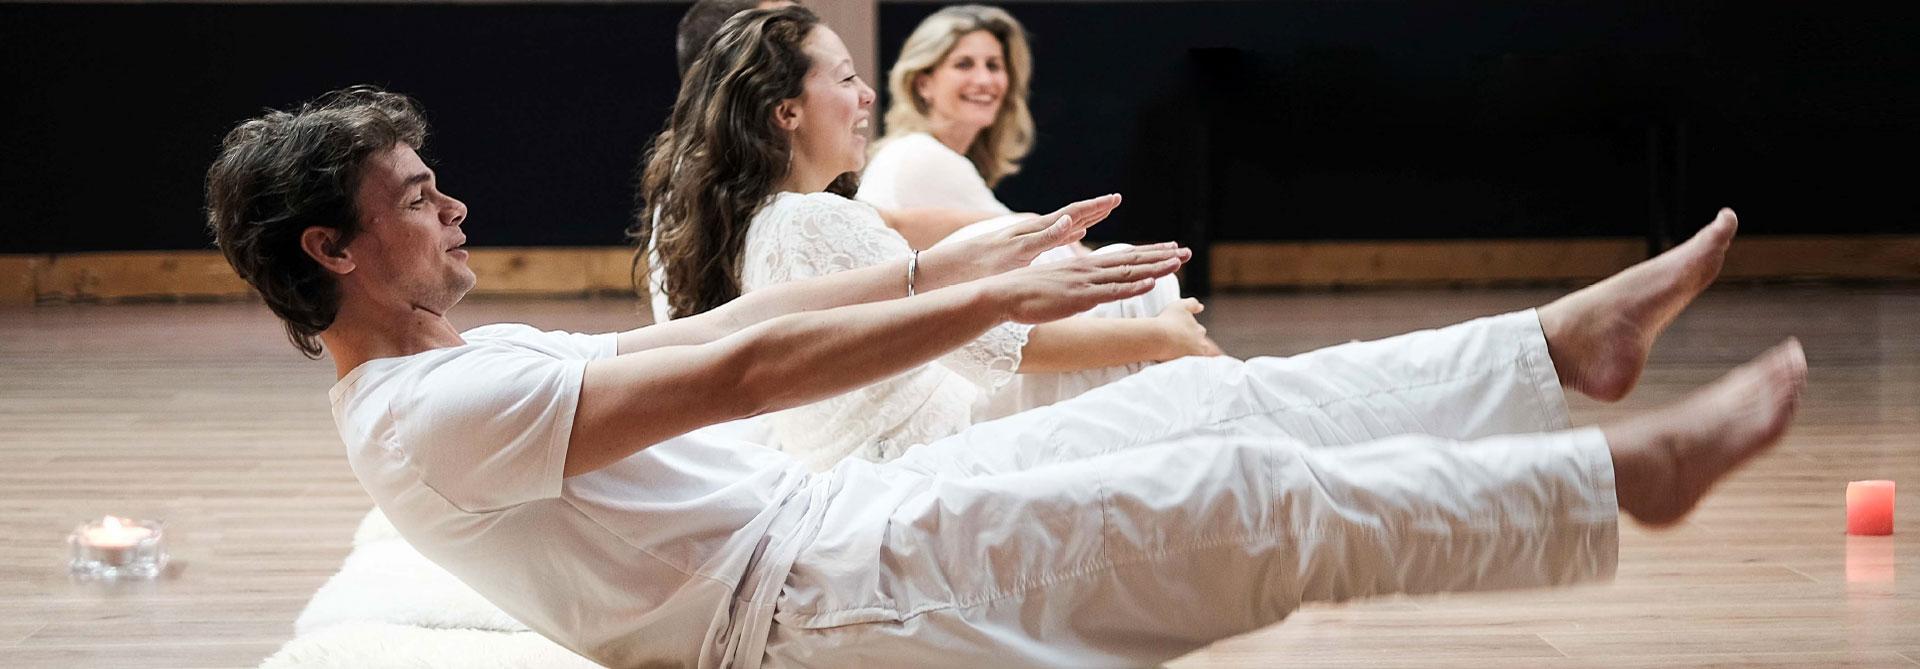 Prof de yoga Bordeaux